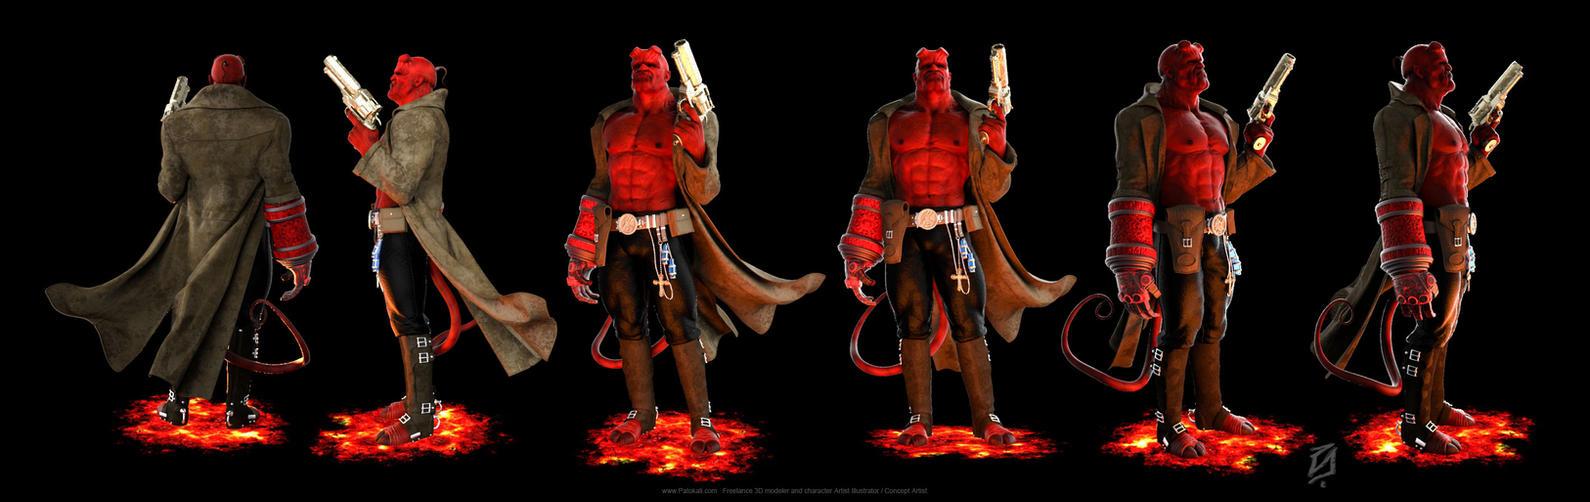 Hellboy-KSLR by patokali